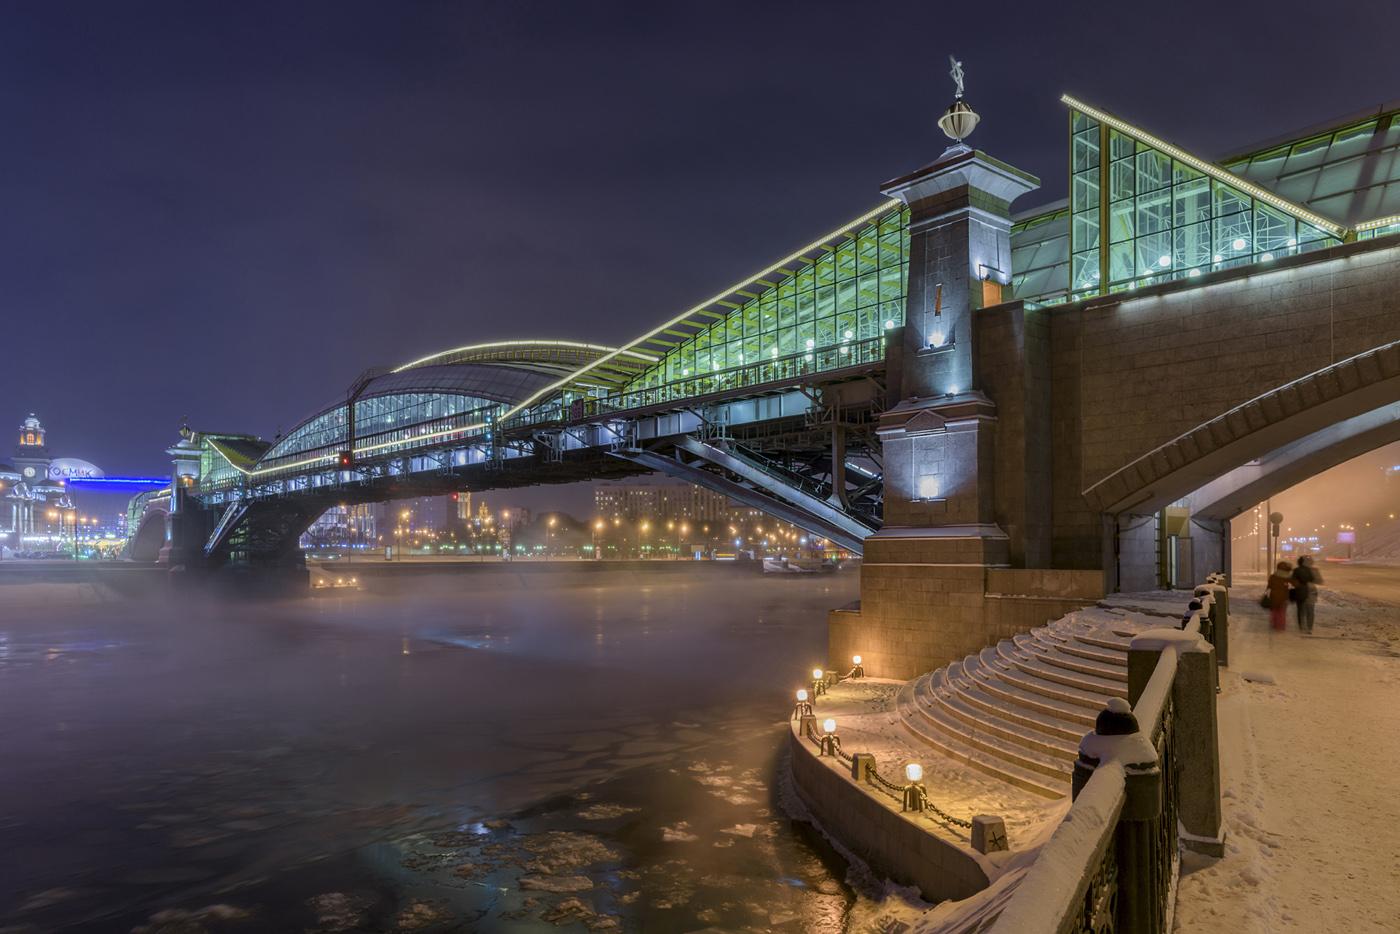 древняя мосты москвы фото с названиями когда самом